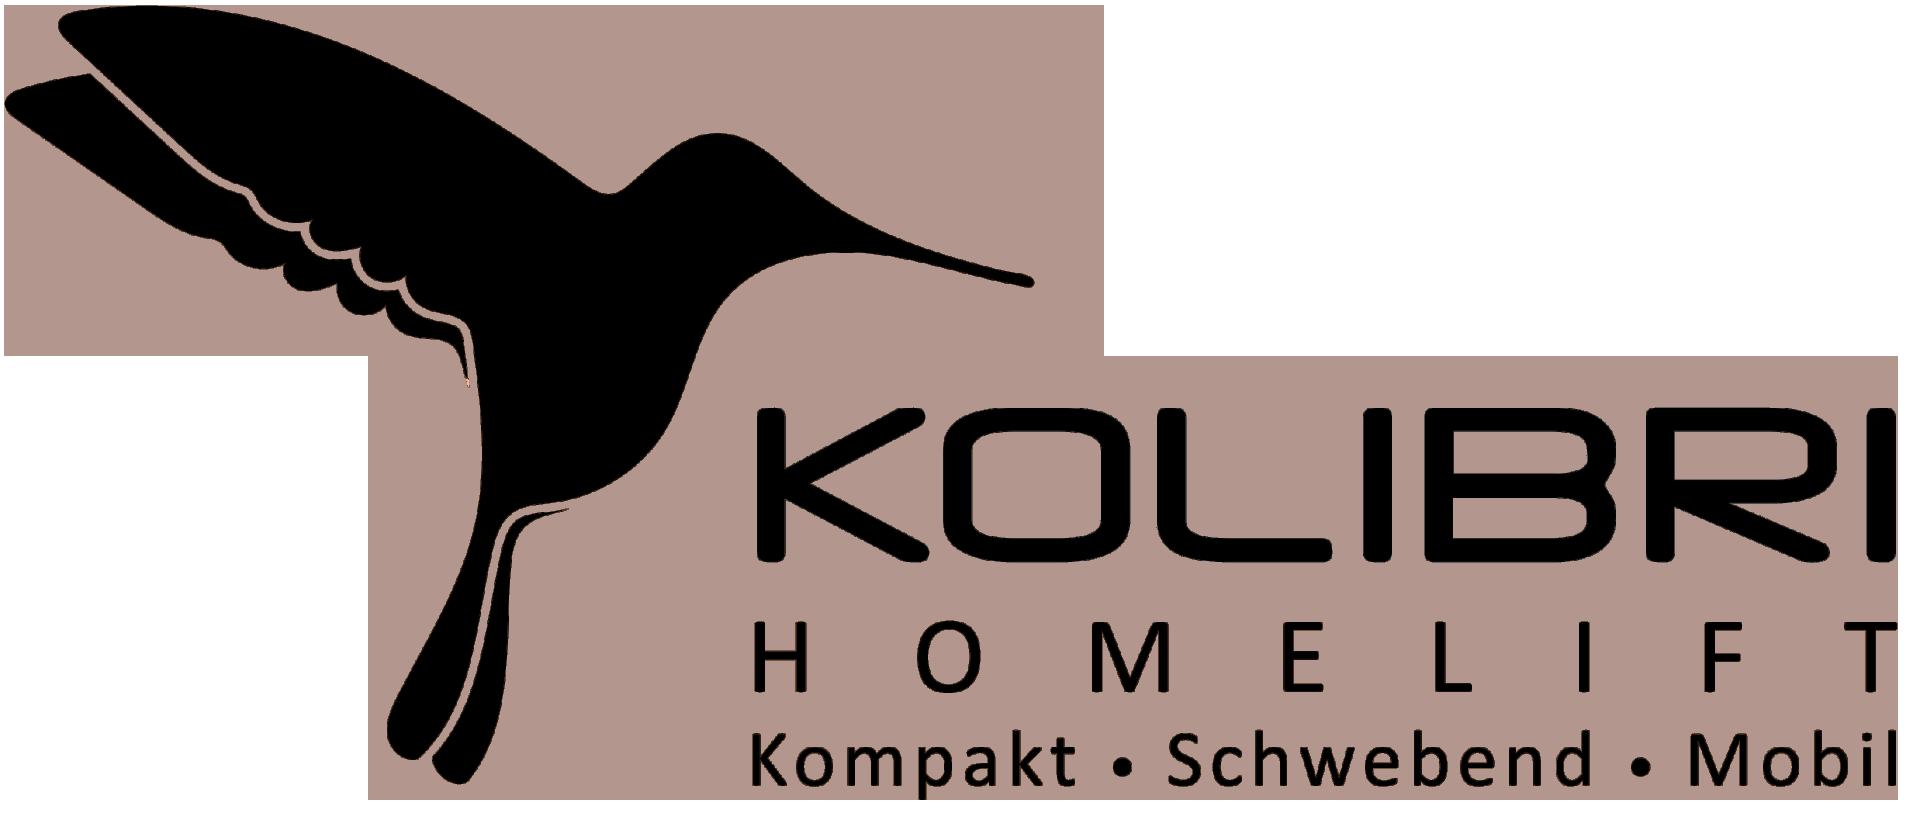 Kolibri Homelift